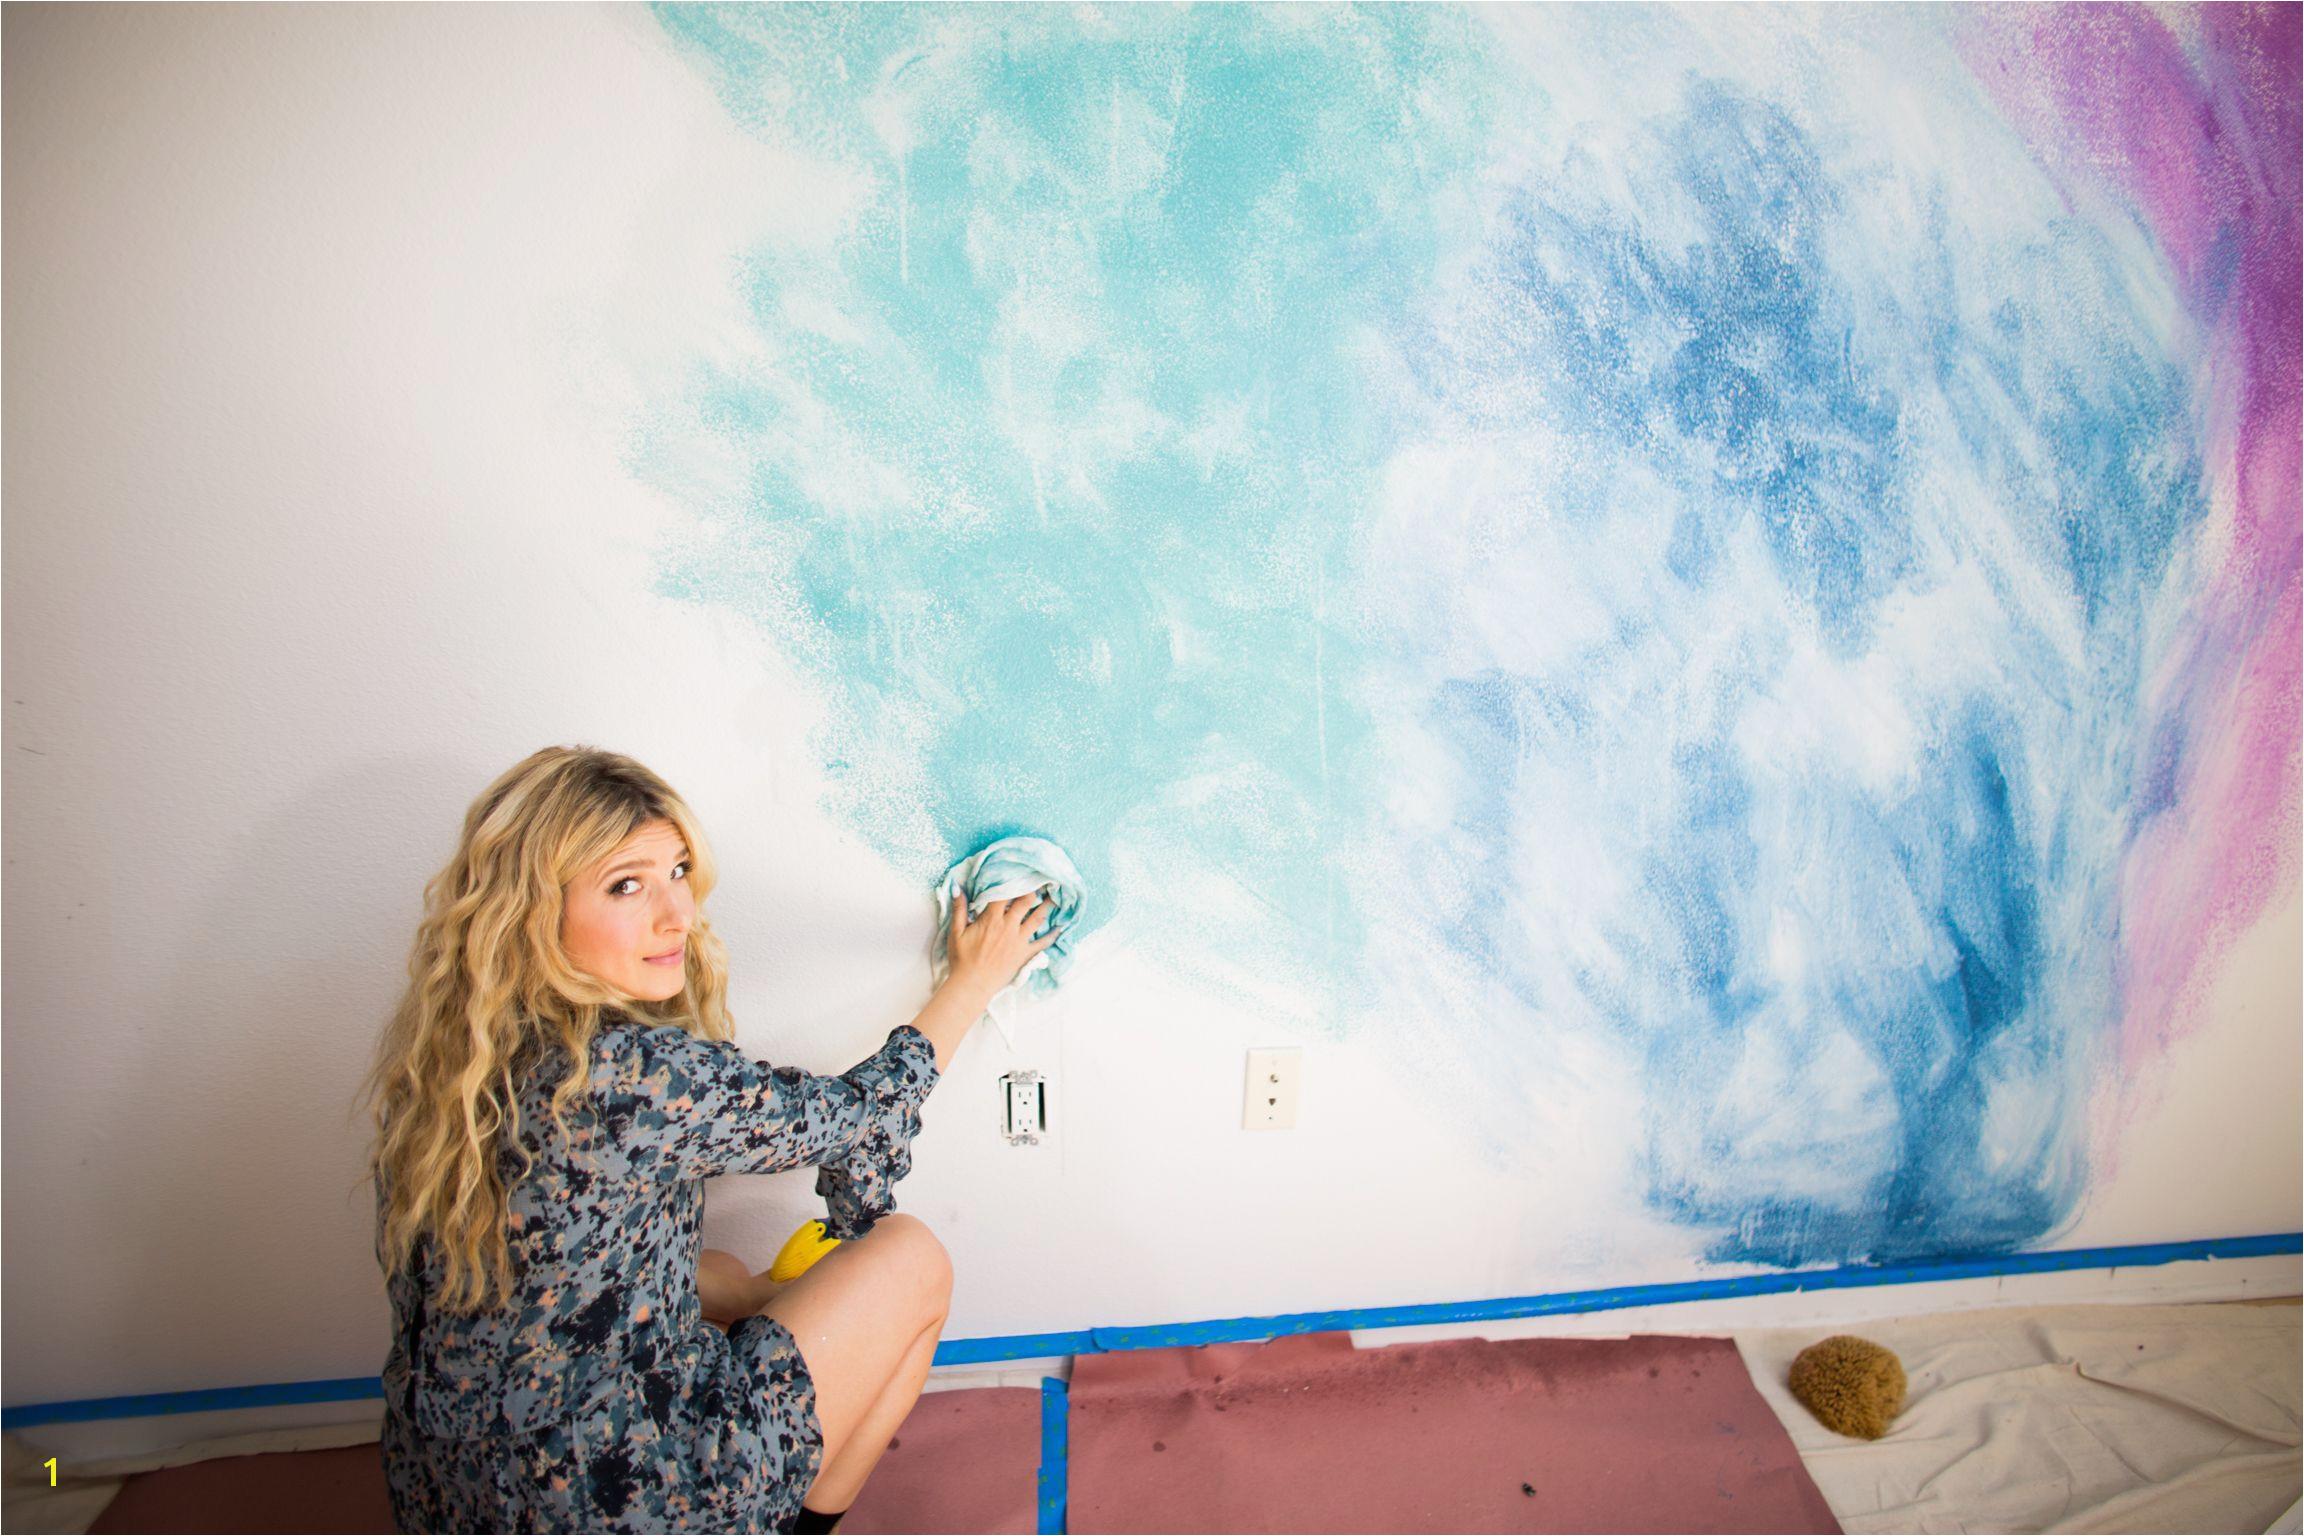 MrKate DIY WaterColorMural 5 of 18 Painted Wall Murals Wall Murals Bedroom Nursery Wall